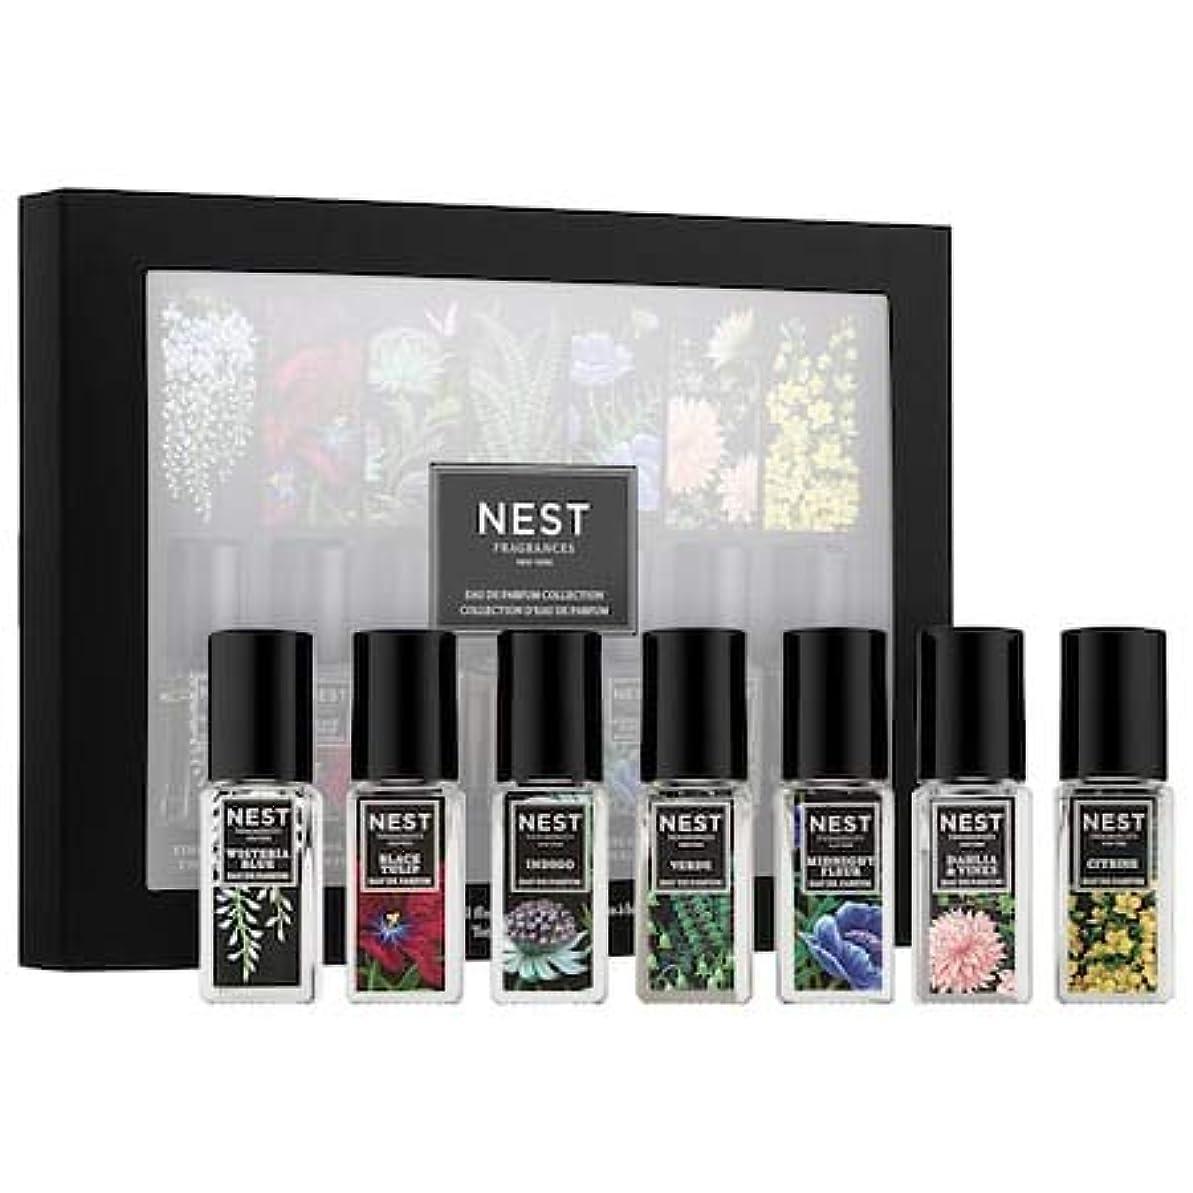 蘇生するフラフープ抜粋Nest Eau de Parfum Collection Coffret (ネスト オーデパルファム コレクション コフレット) 0.1 oz (3ml) Rollerball (ロールオン) x 7個